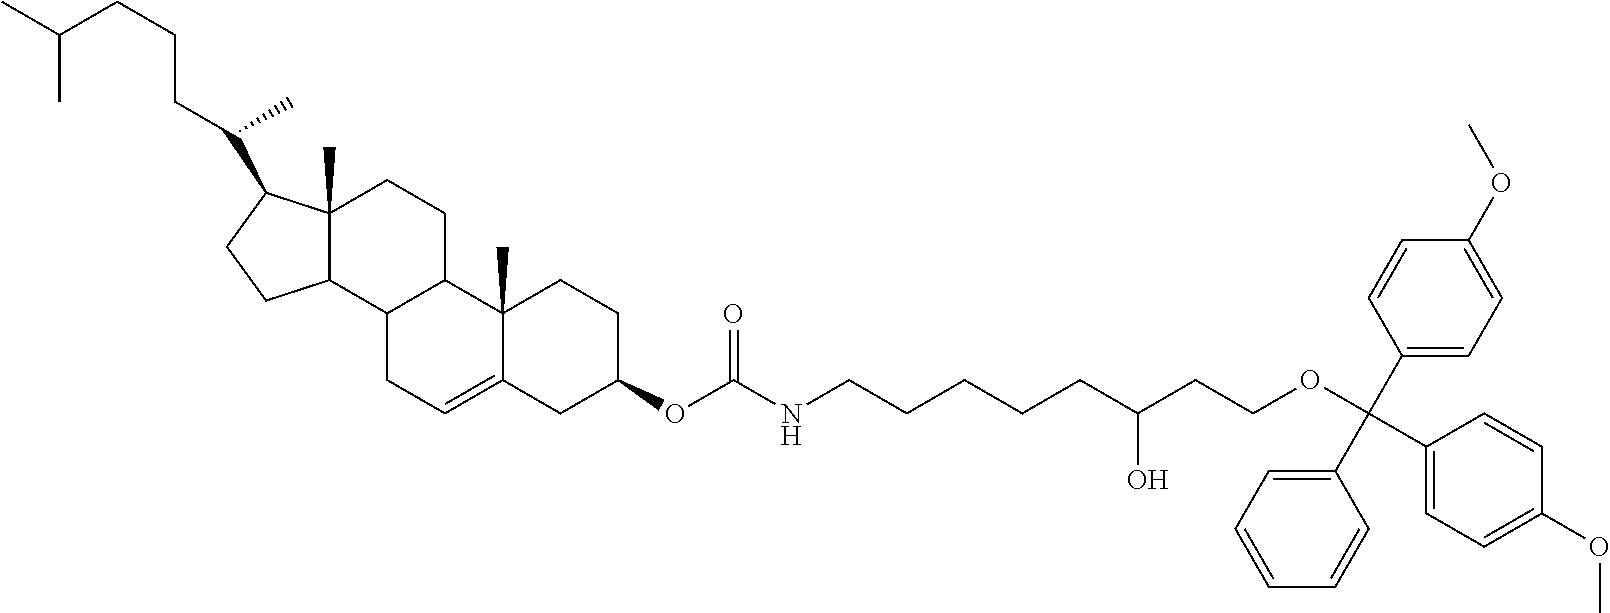 Figure US08252755-20120828-C00015